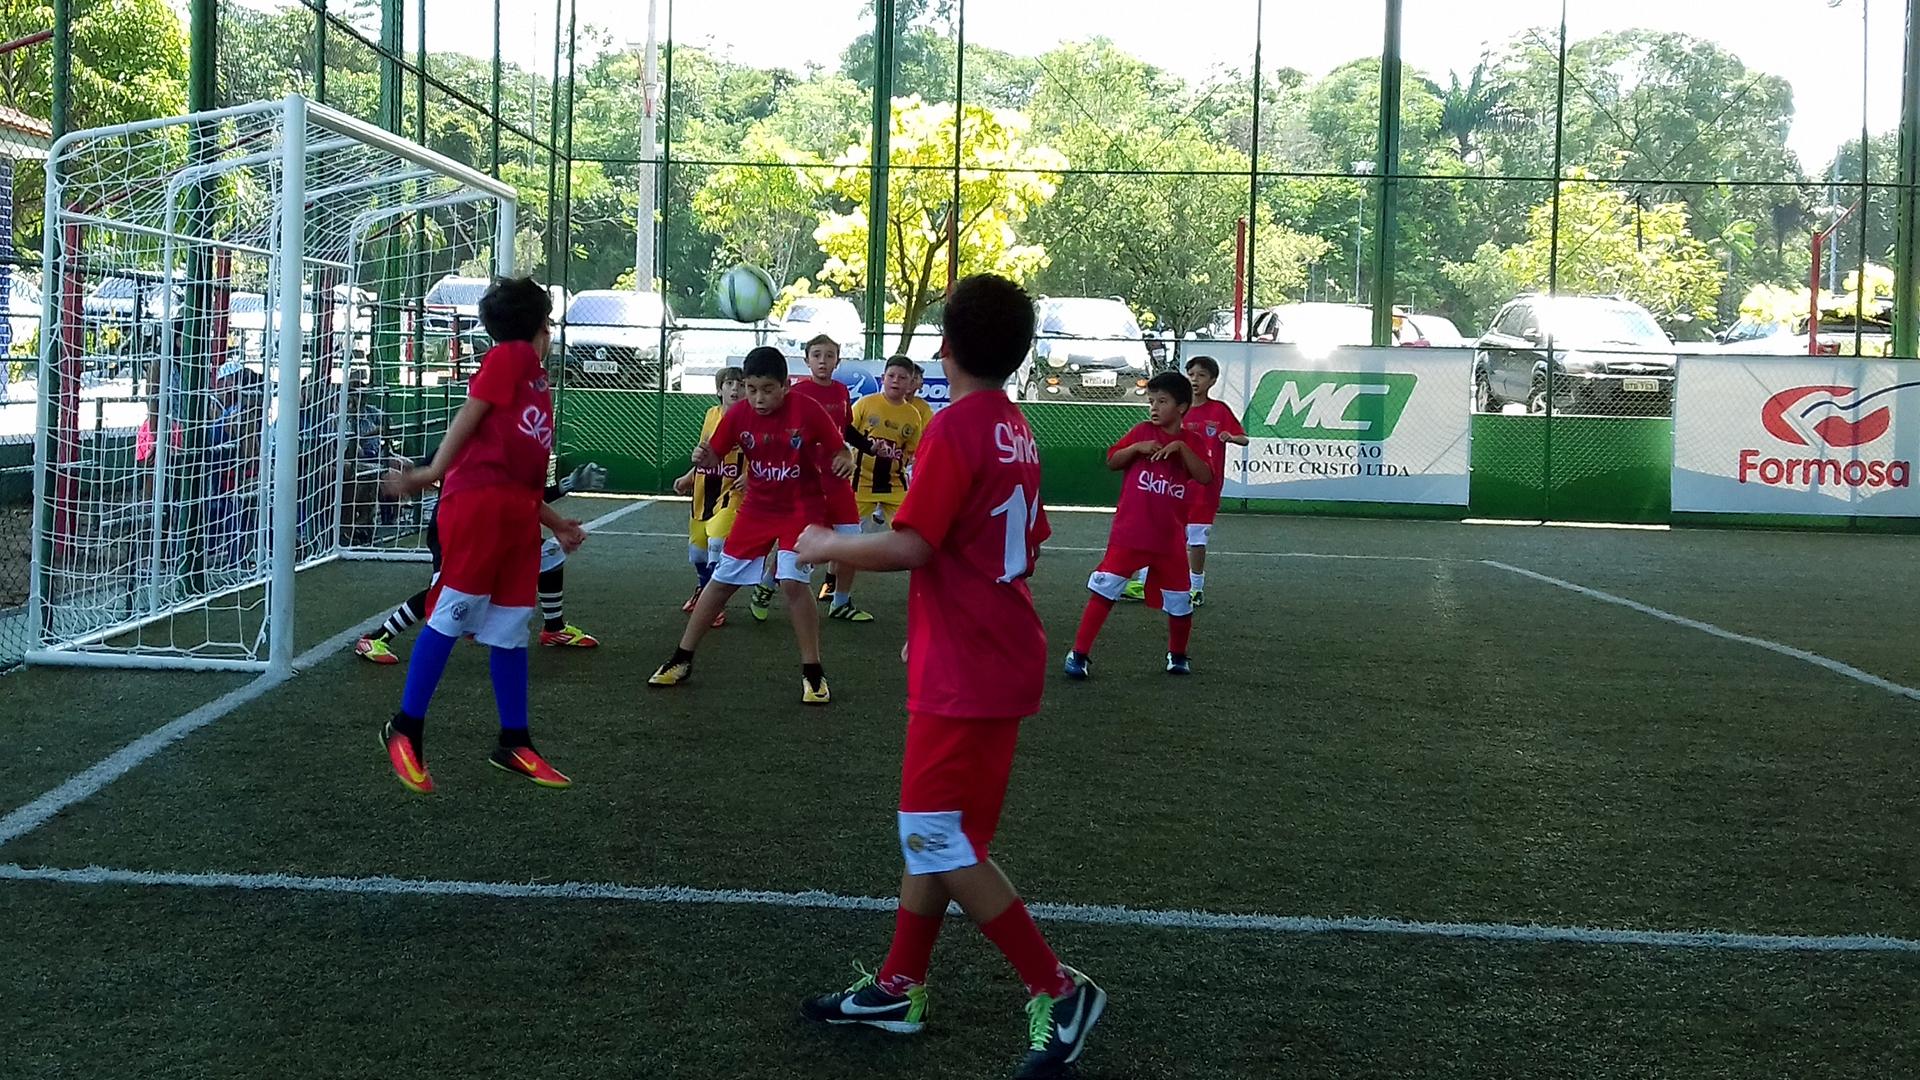 Futuros atletas do Grêmio Português festejaram o Dia das Crianças com  futebol (Foto  Estúdio Mineiro) 7678b32959193